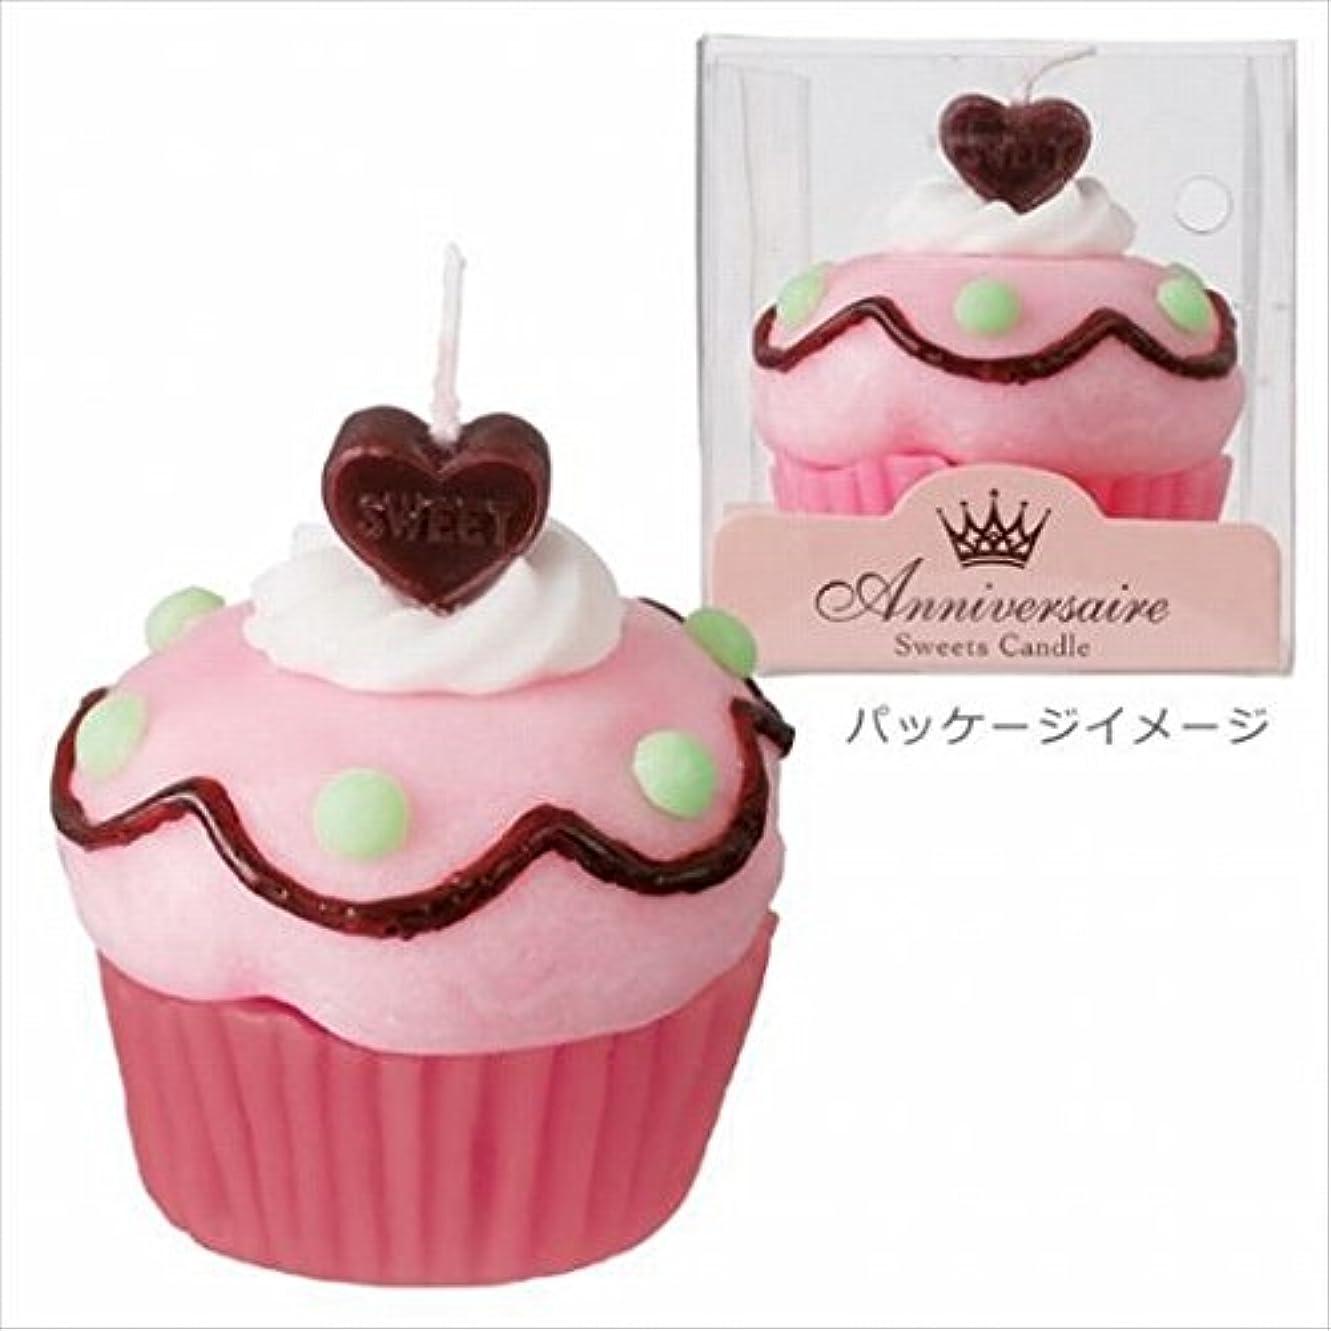 生き残りますサスペンド嵐のカメヤマキャンドル( kameyama candle ) カップケーキキャンドル 「 チェリードット 」